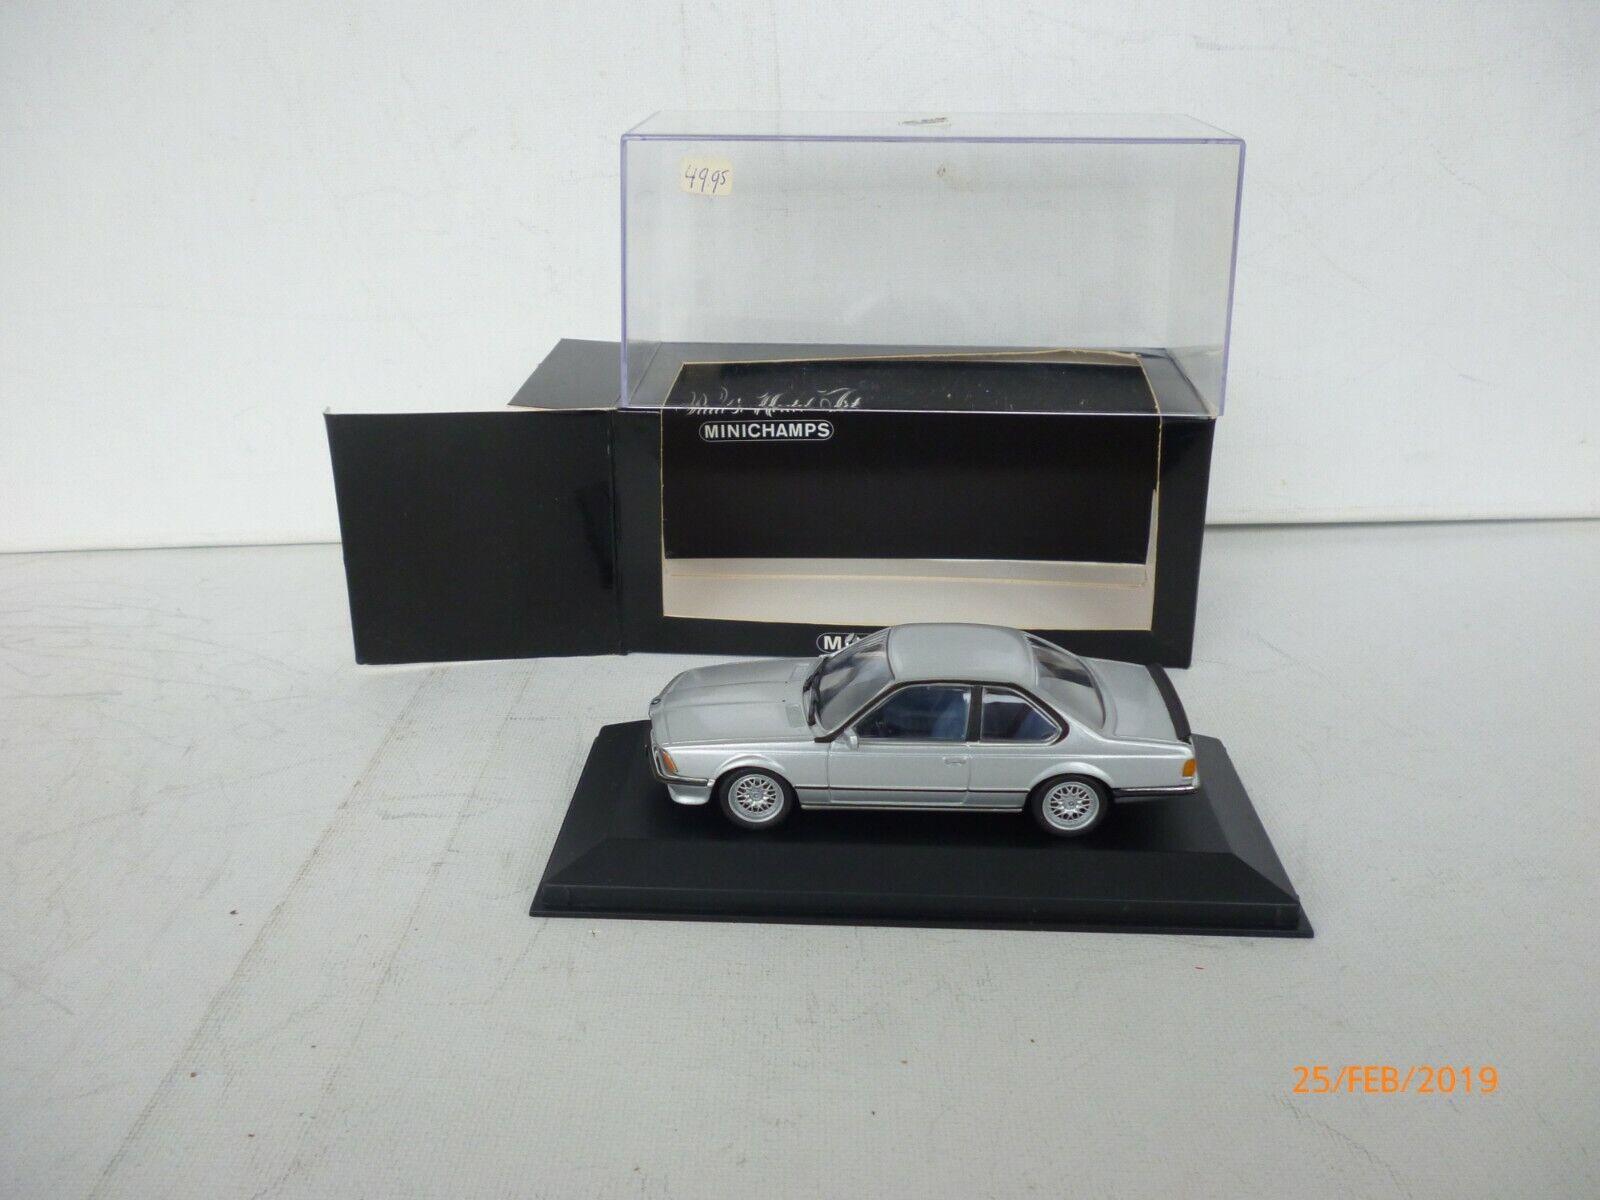 orden ahora con gran descuento y entrega gratuita 1 43 Minichamps BMW M 635 635 635 CSI Coupe IN plata gris  NEW OVP  Ahorre 35% - 70% de descuento